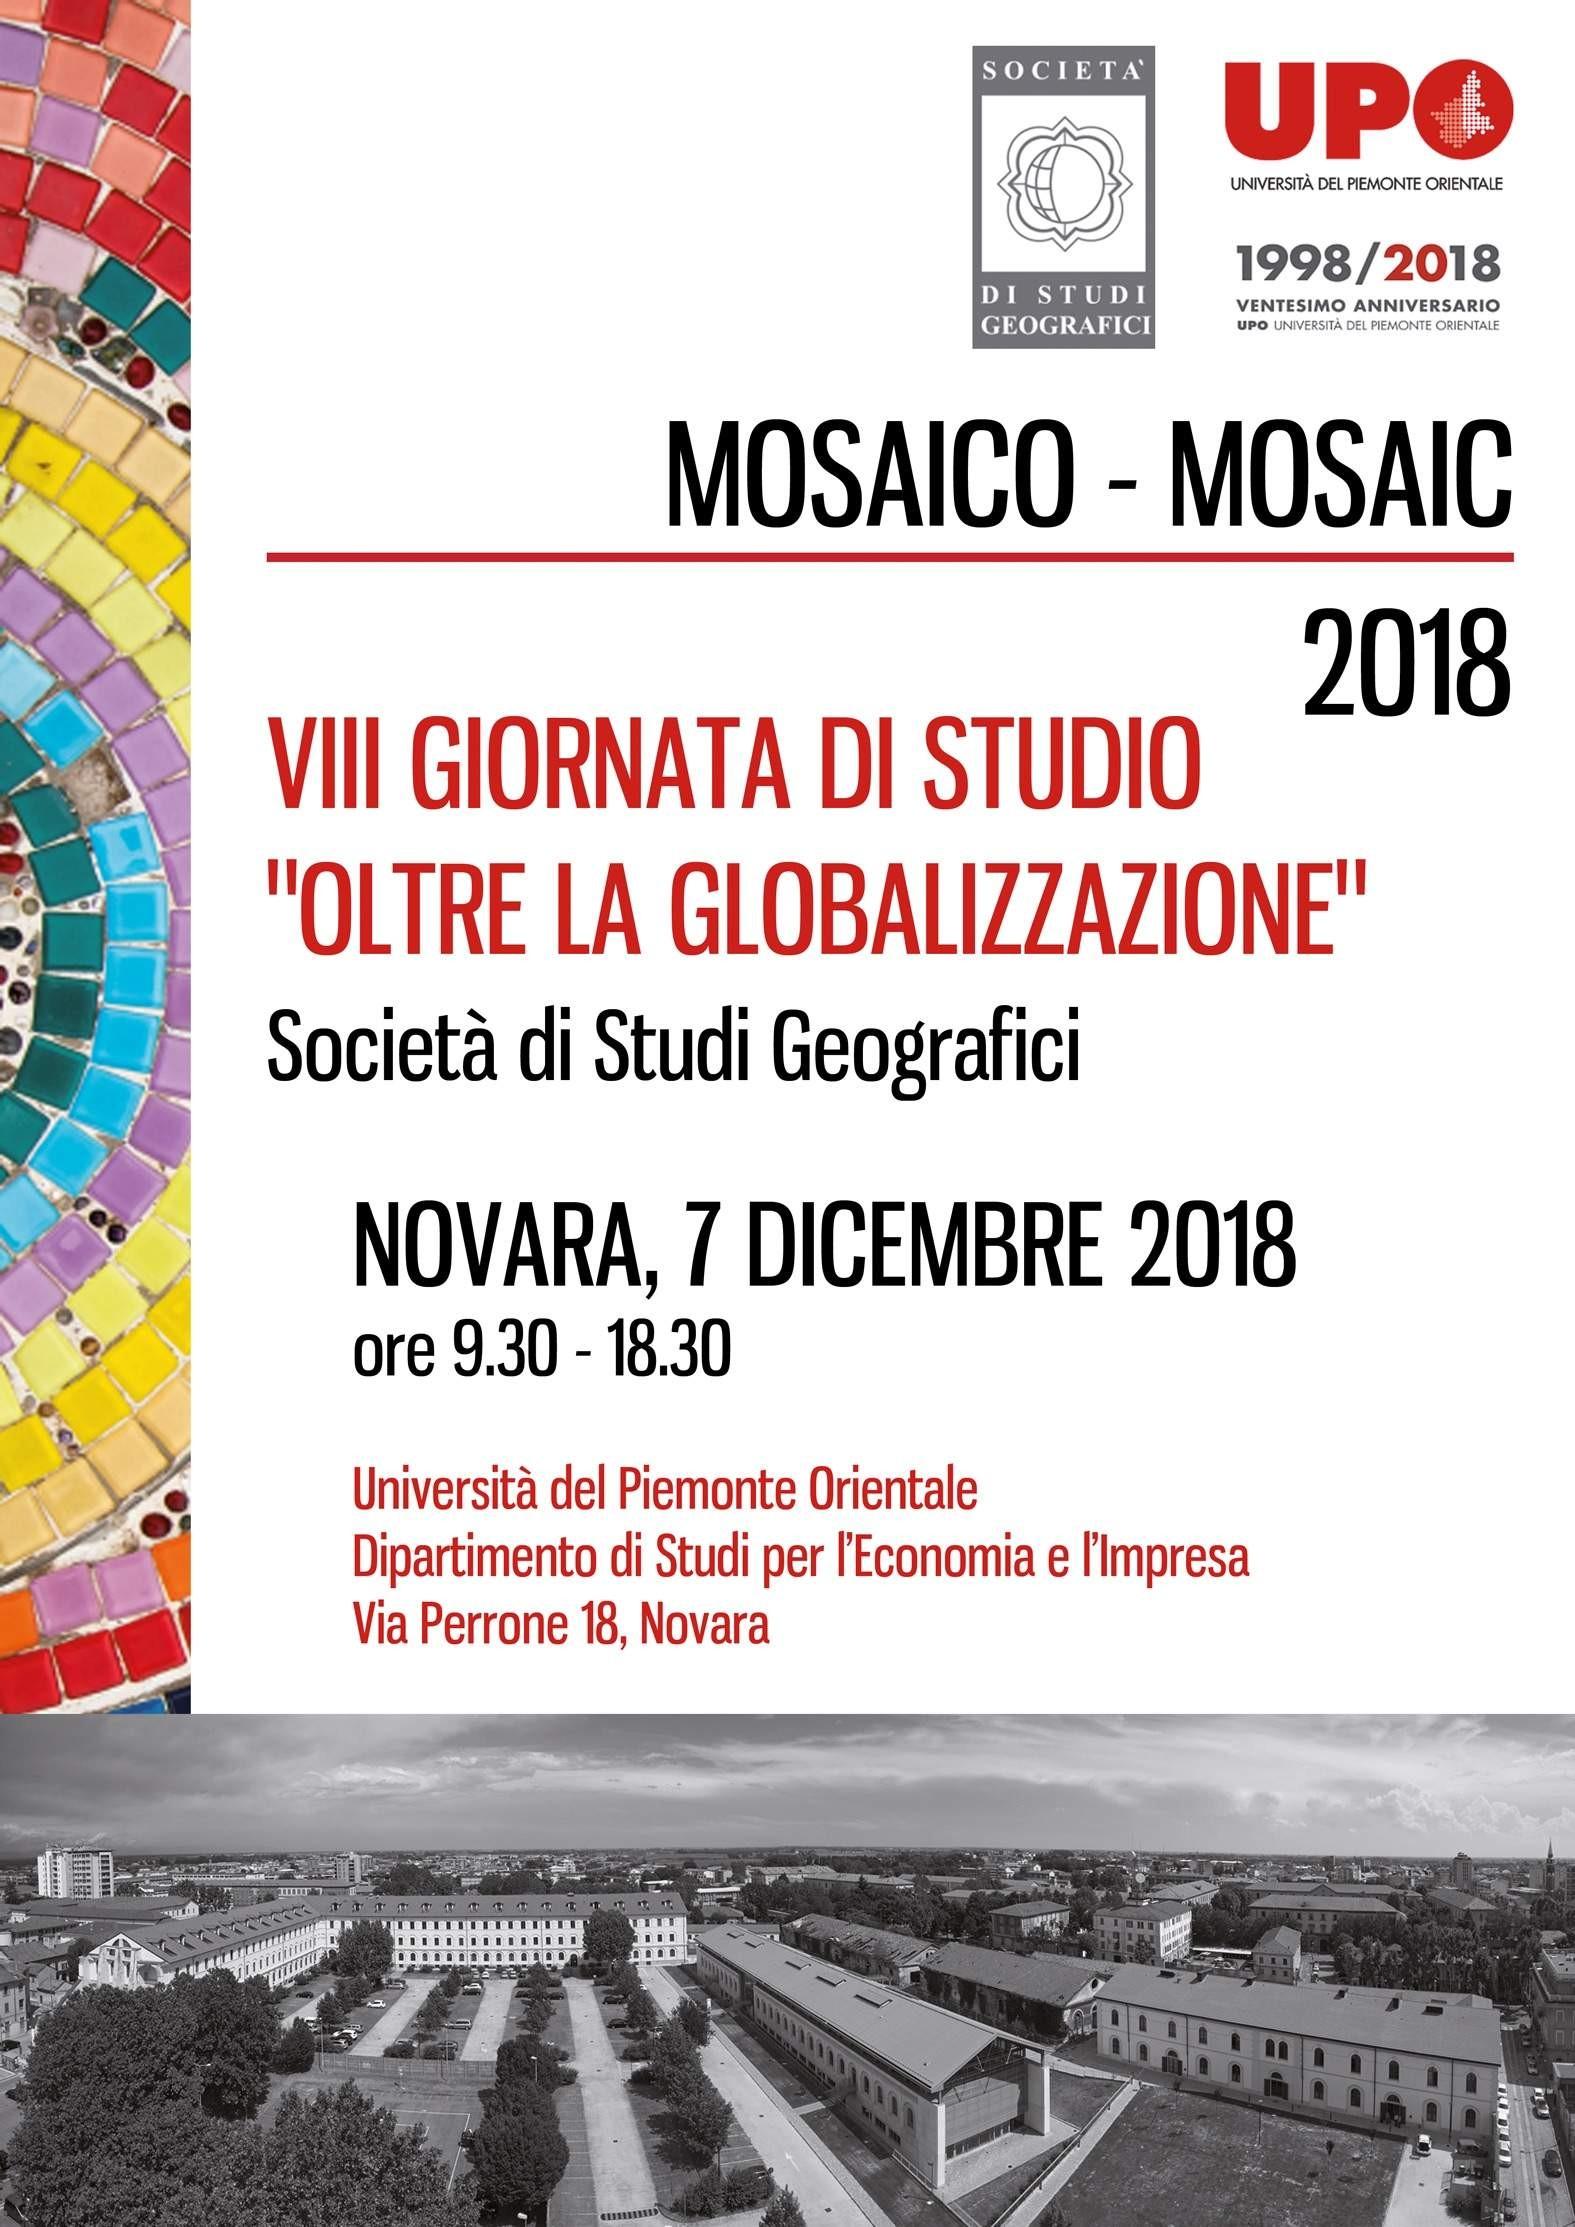 Calendario 2019 3d Más Recientes Seminari Of Calendario 2019 3d Más Recientes Notizie